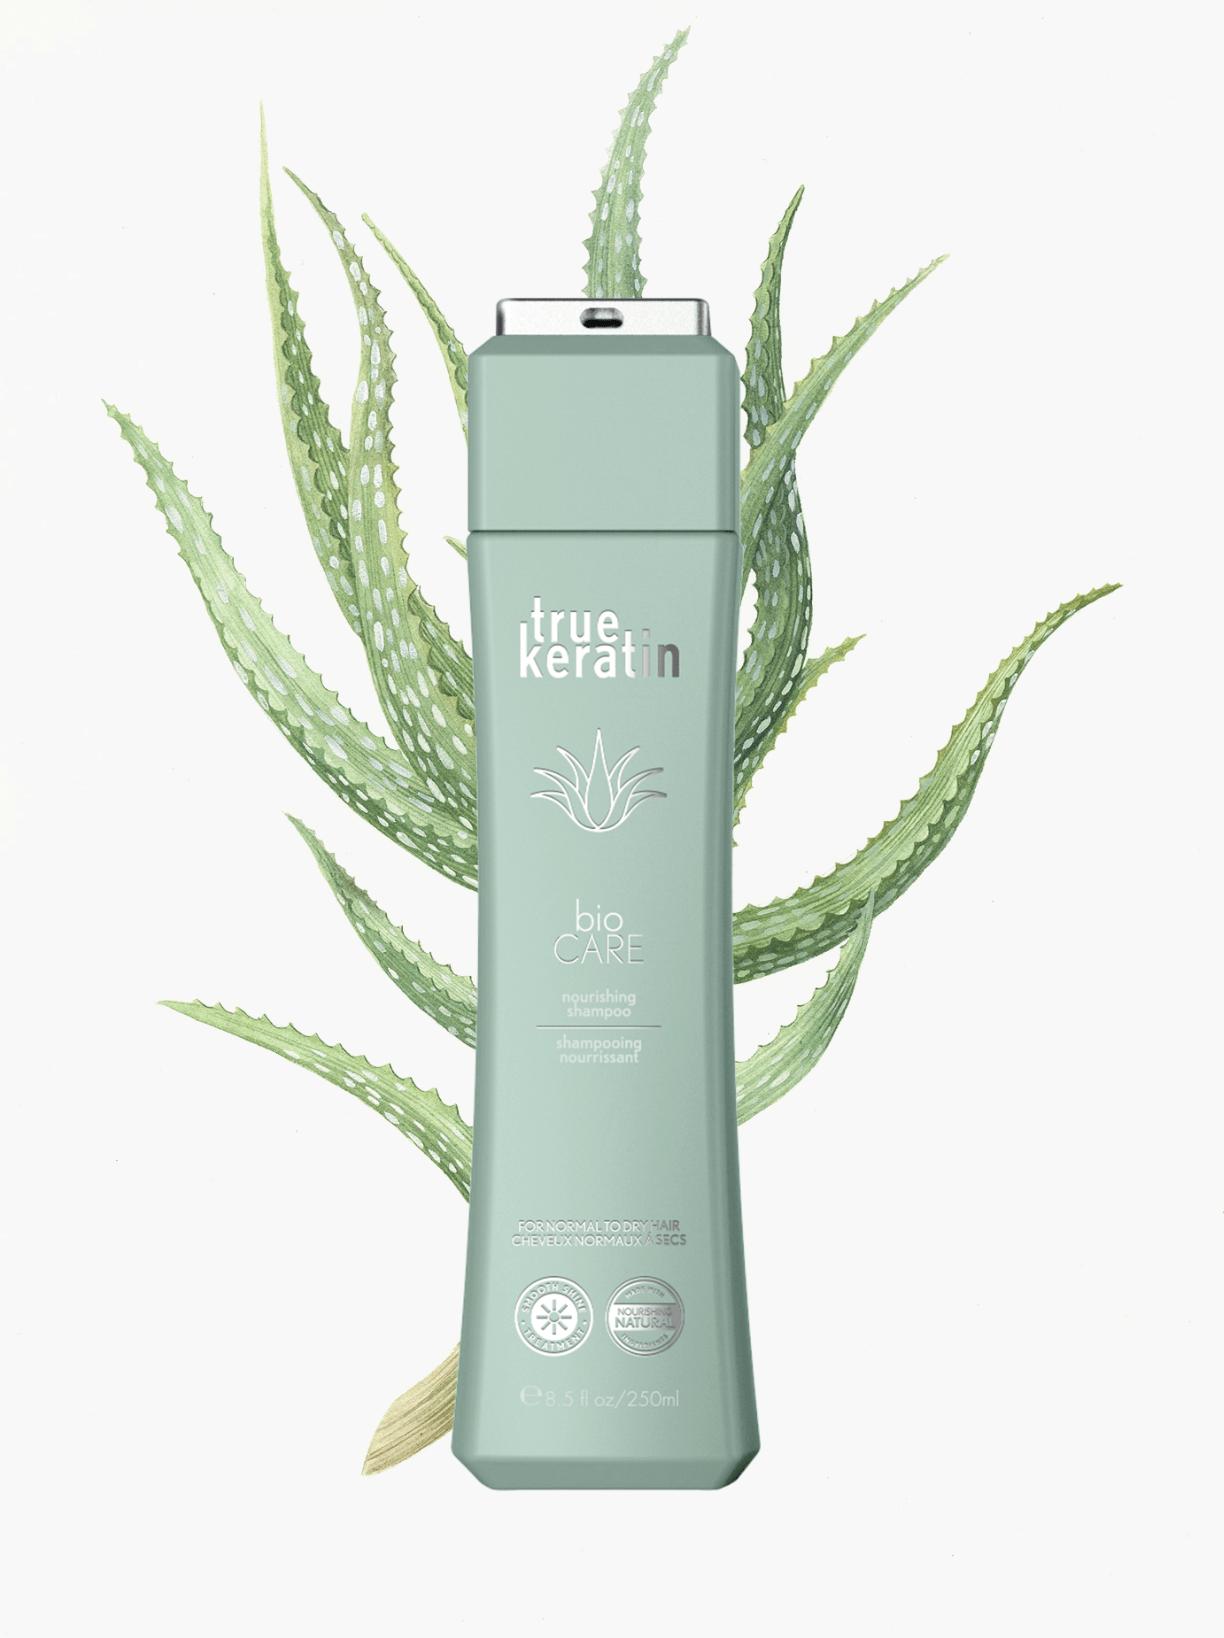 True Keratin bio care Nourishing Shampoo